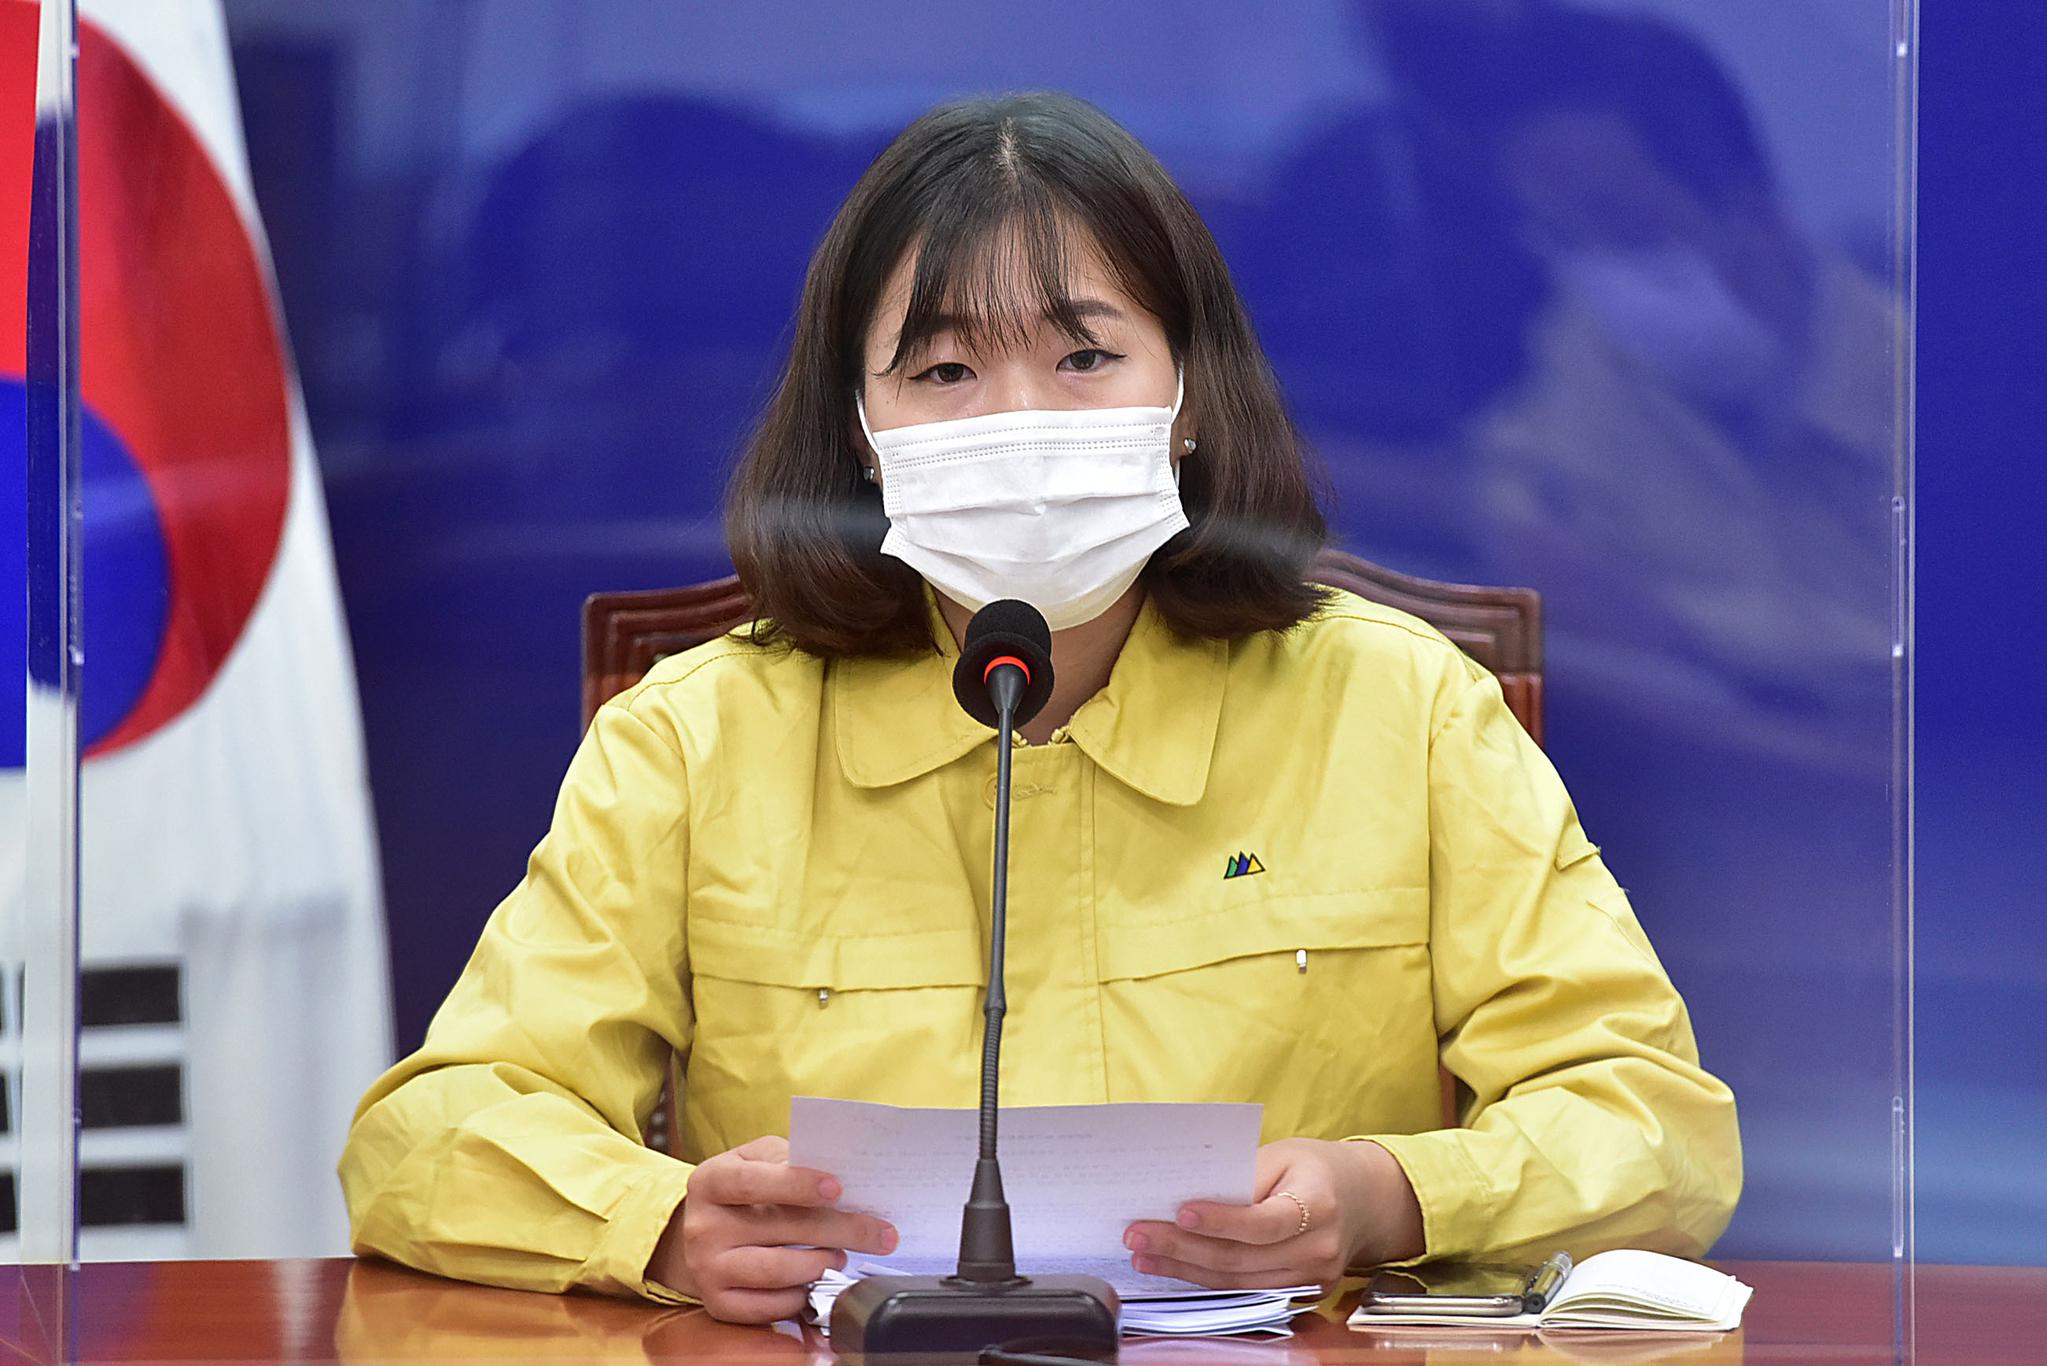 박성민 더불어민주당 박성민 최고위원이 9일 오전 국회에서 열린 당 최고위원회의에서 발언을 하고 있다. 연합뉴스